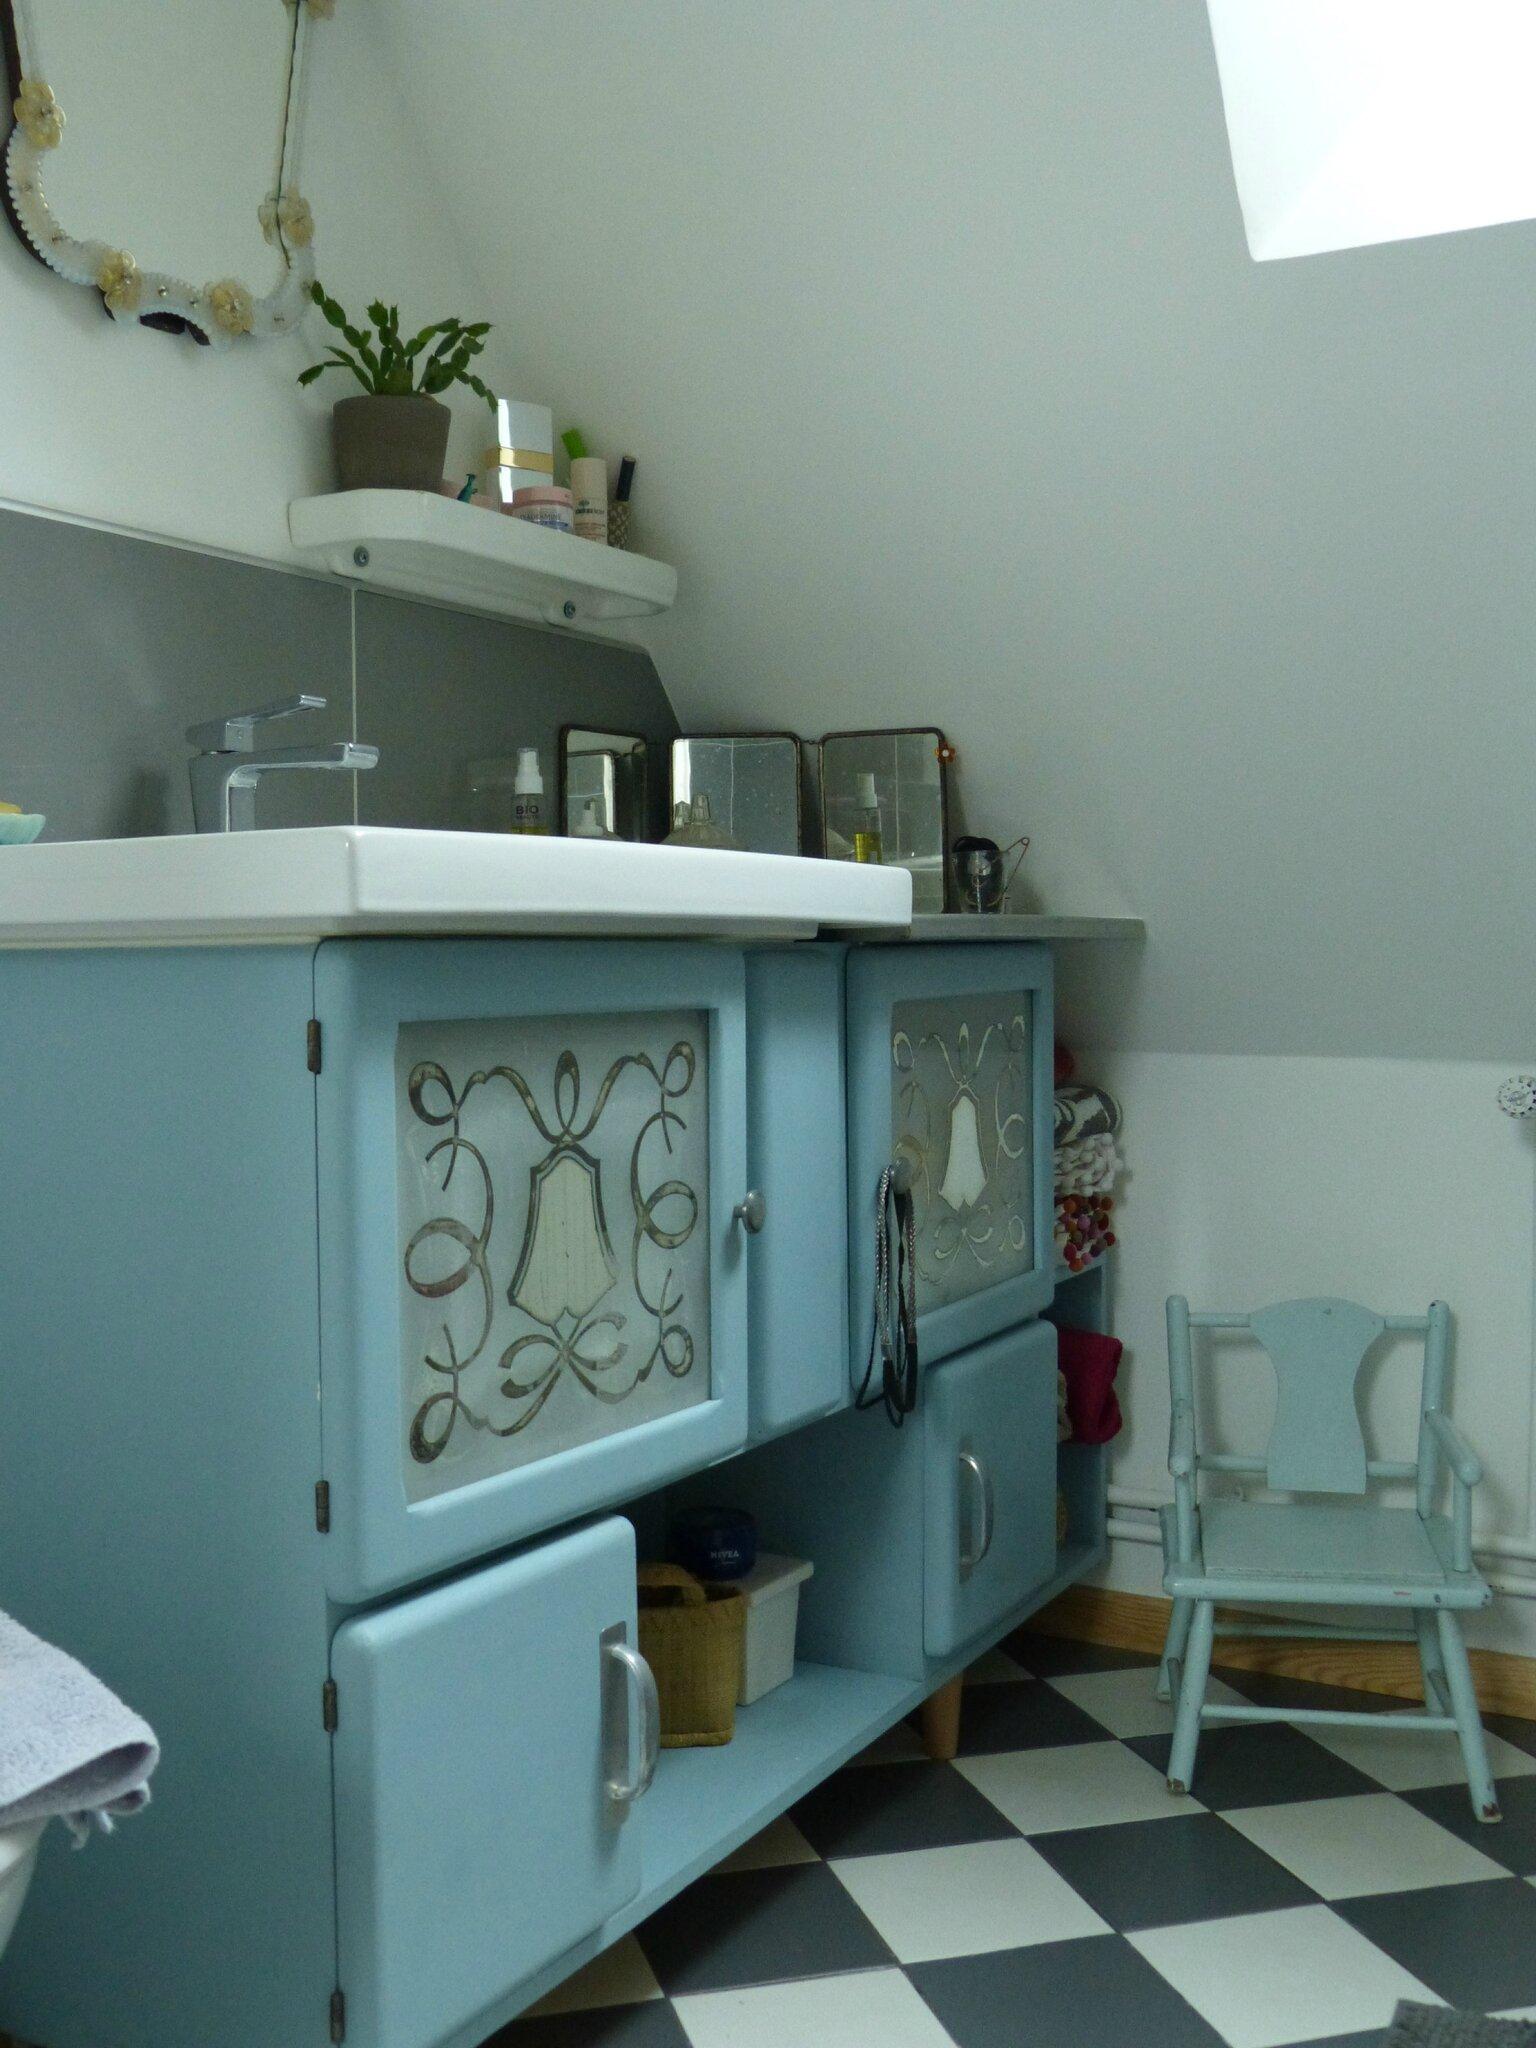 Fabriquer Meuble Salle De Bain Palette diy meuble salle de bain - novocom.top